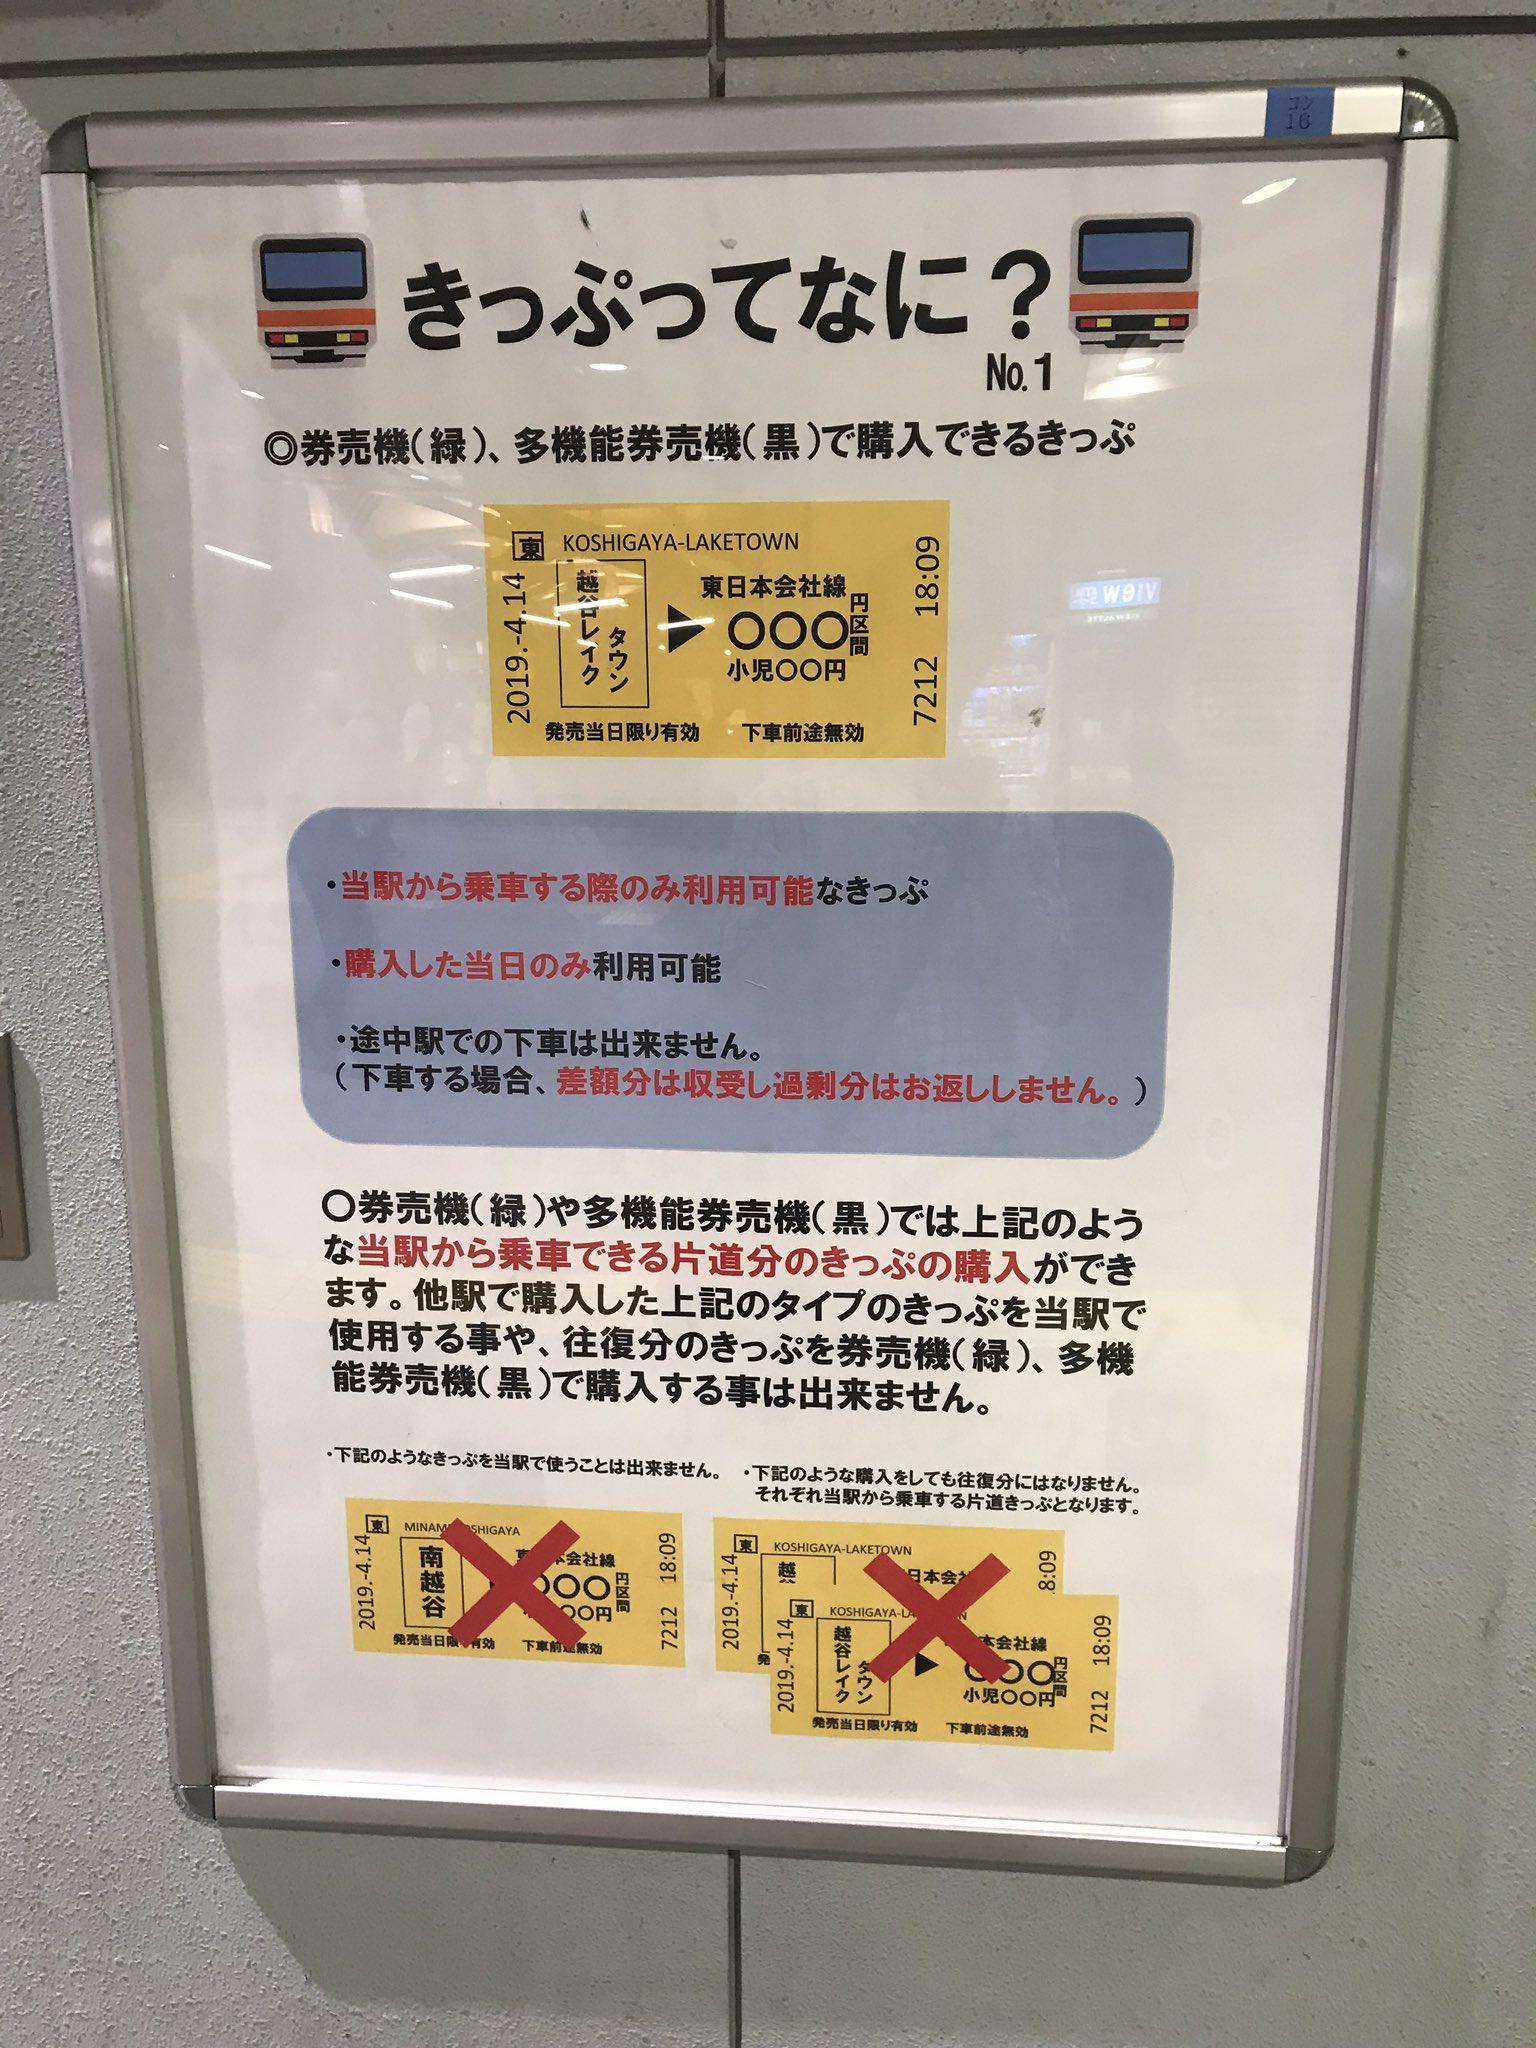 昨日の越谷レイクタウン駅にて きっぷ売り場にこんな掲示が まさかのきっぷとはという説明をするようになる時がくるとは・・・ いくらICカードが大多数になったとはいえ、そんなに使い方知らない人がいるのかな なんかこの感じ、公衆電話の使い方の件に似てるな